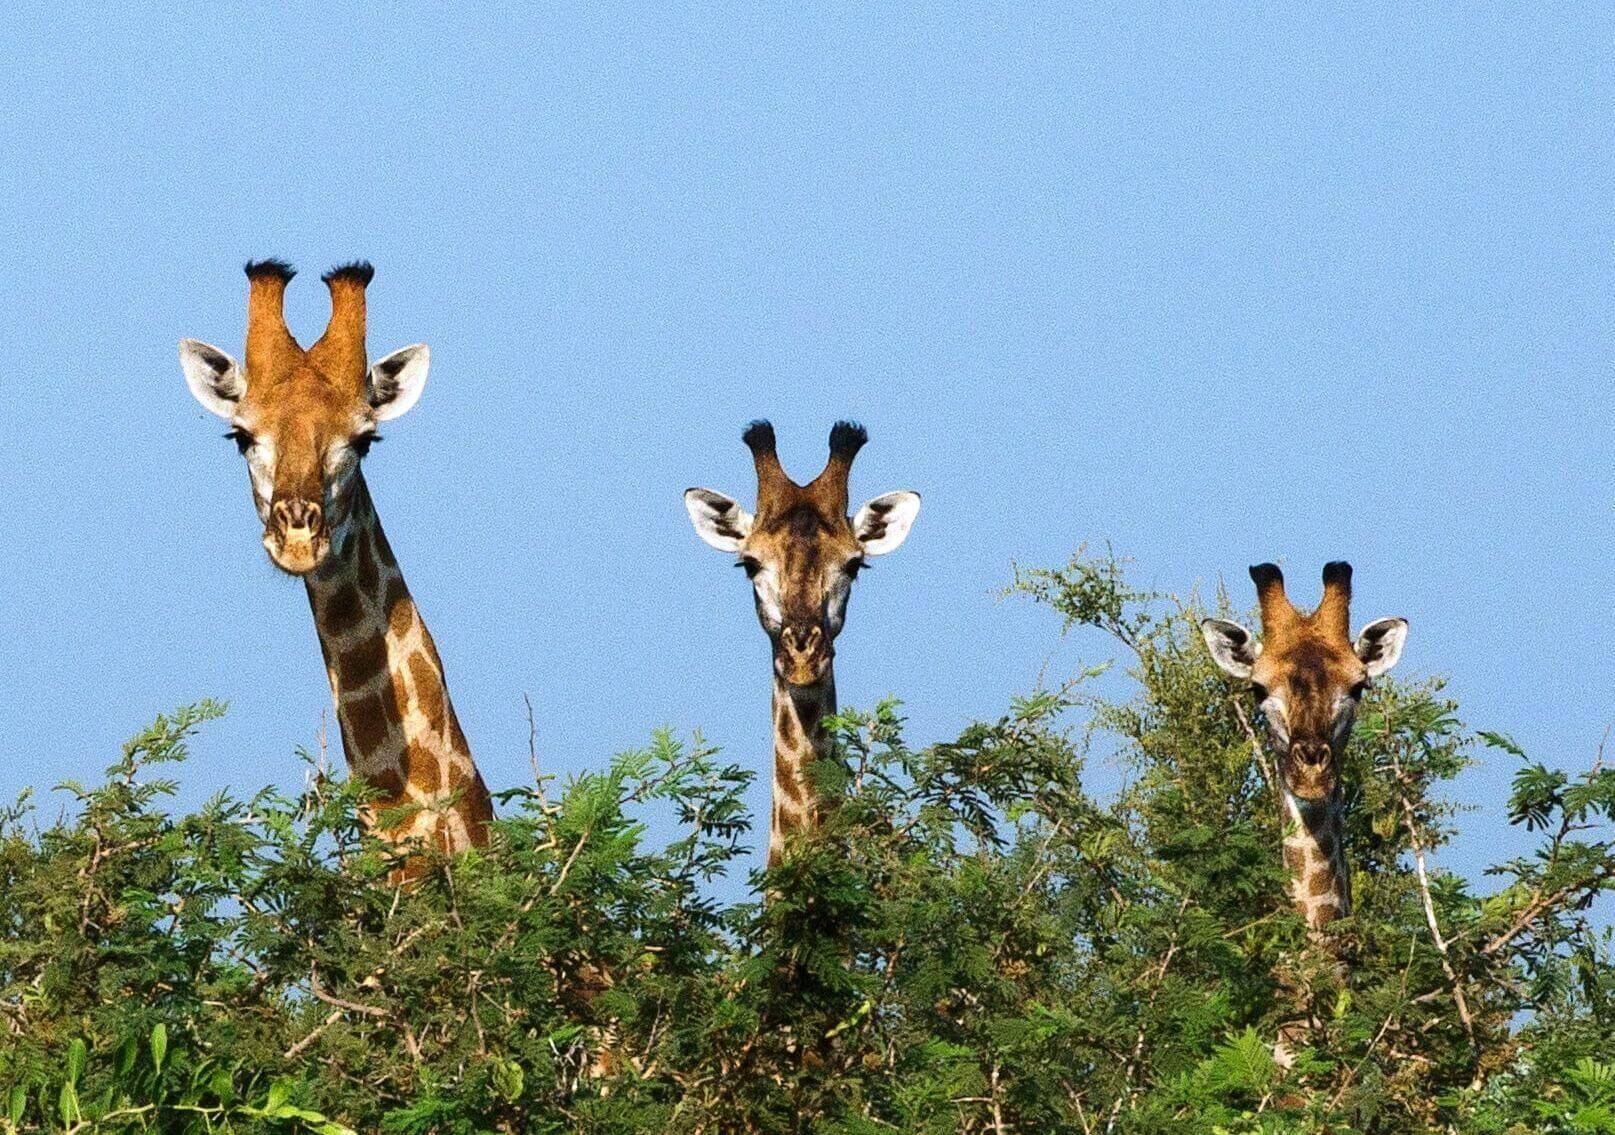 Bozótból kileső zsiráfok közötti kapcsolat